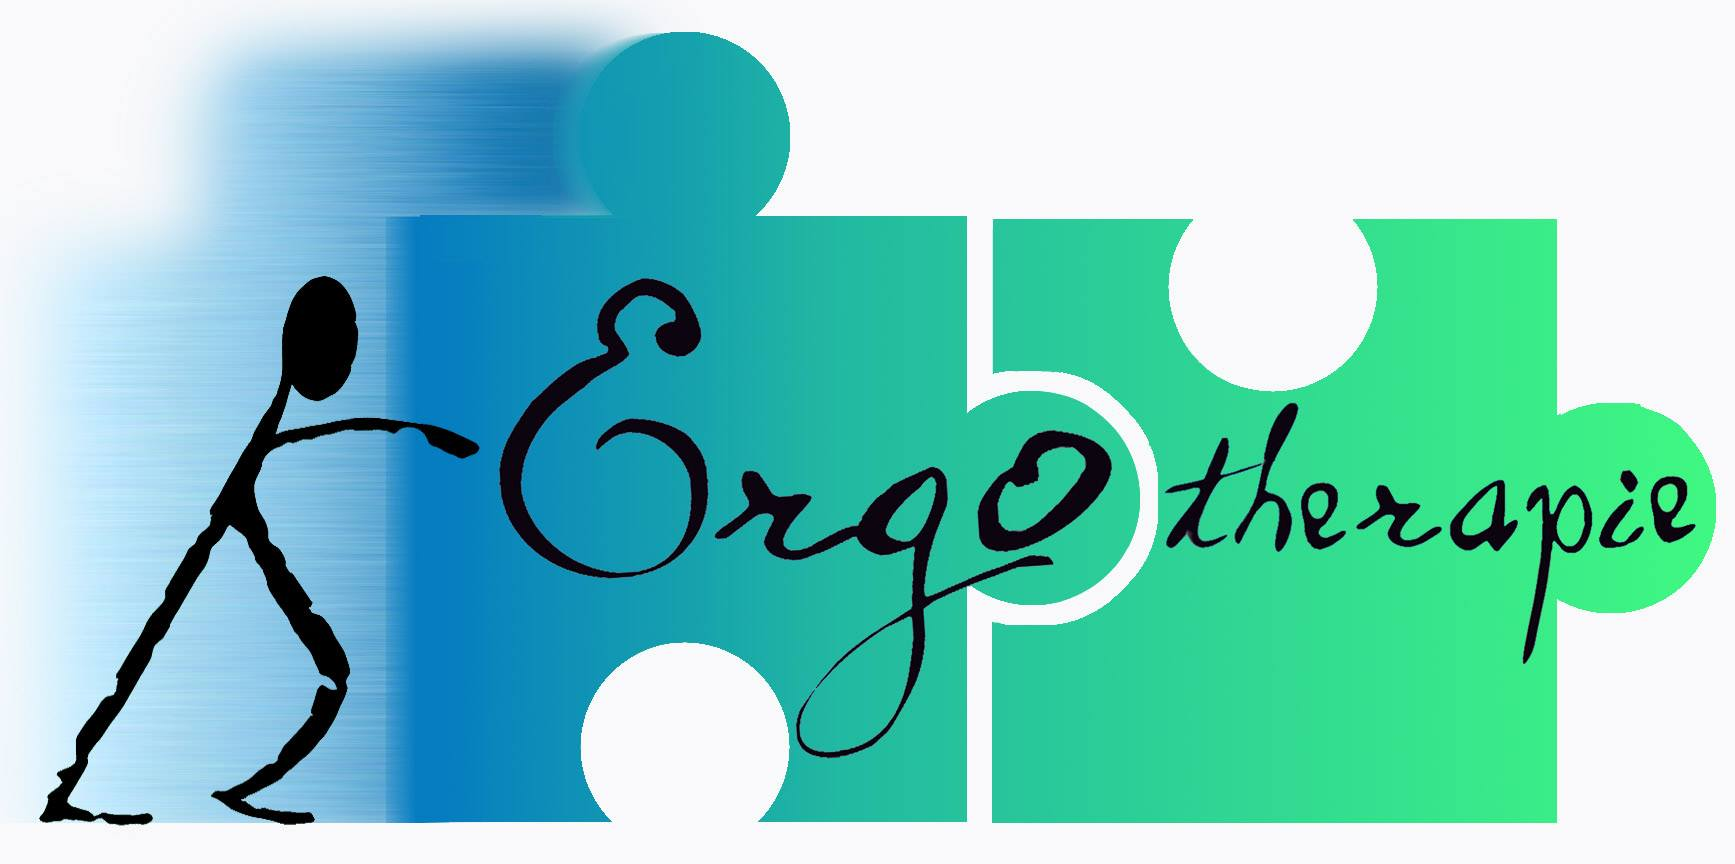 Comment devenir ergotherapeute